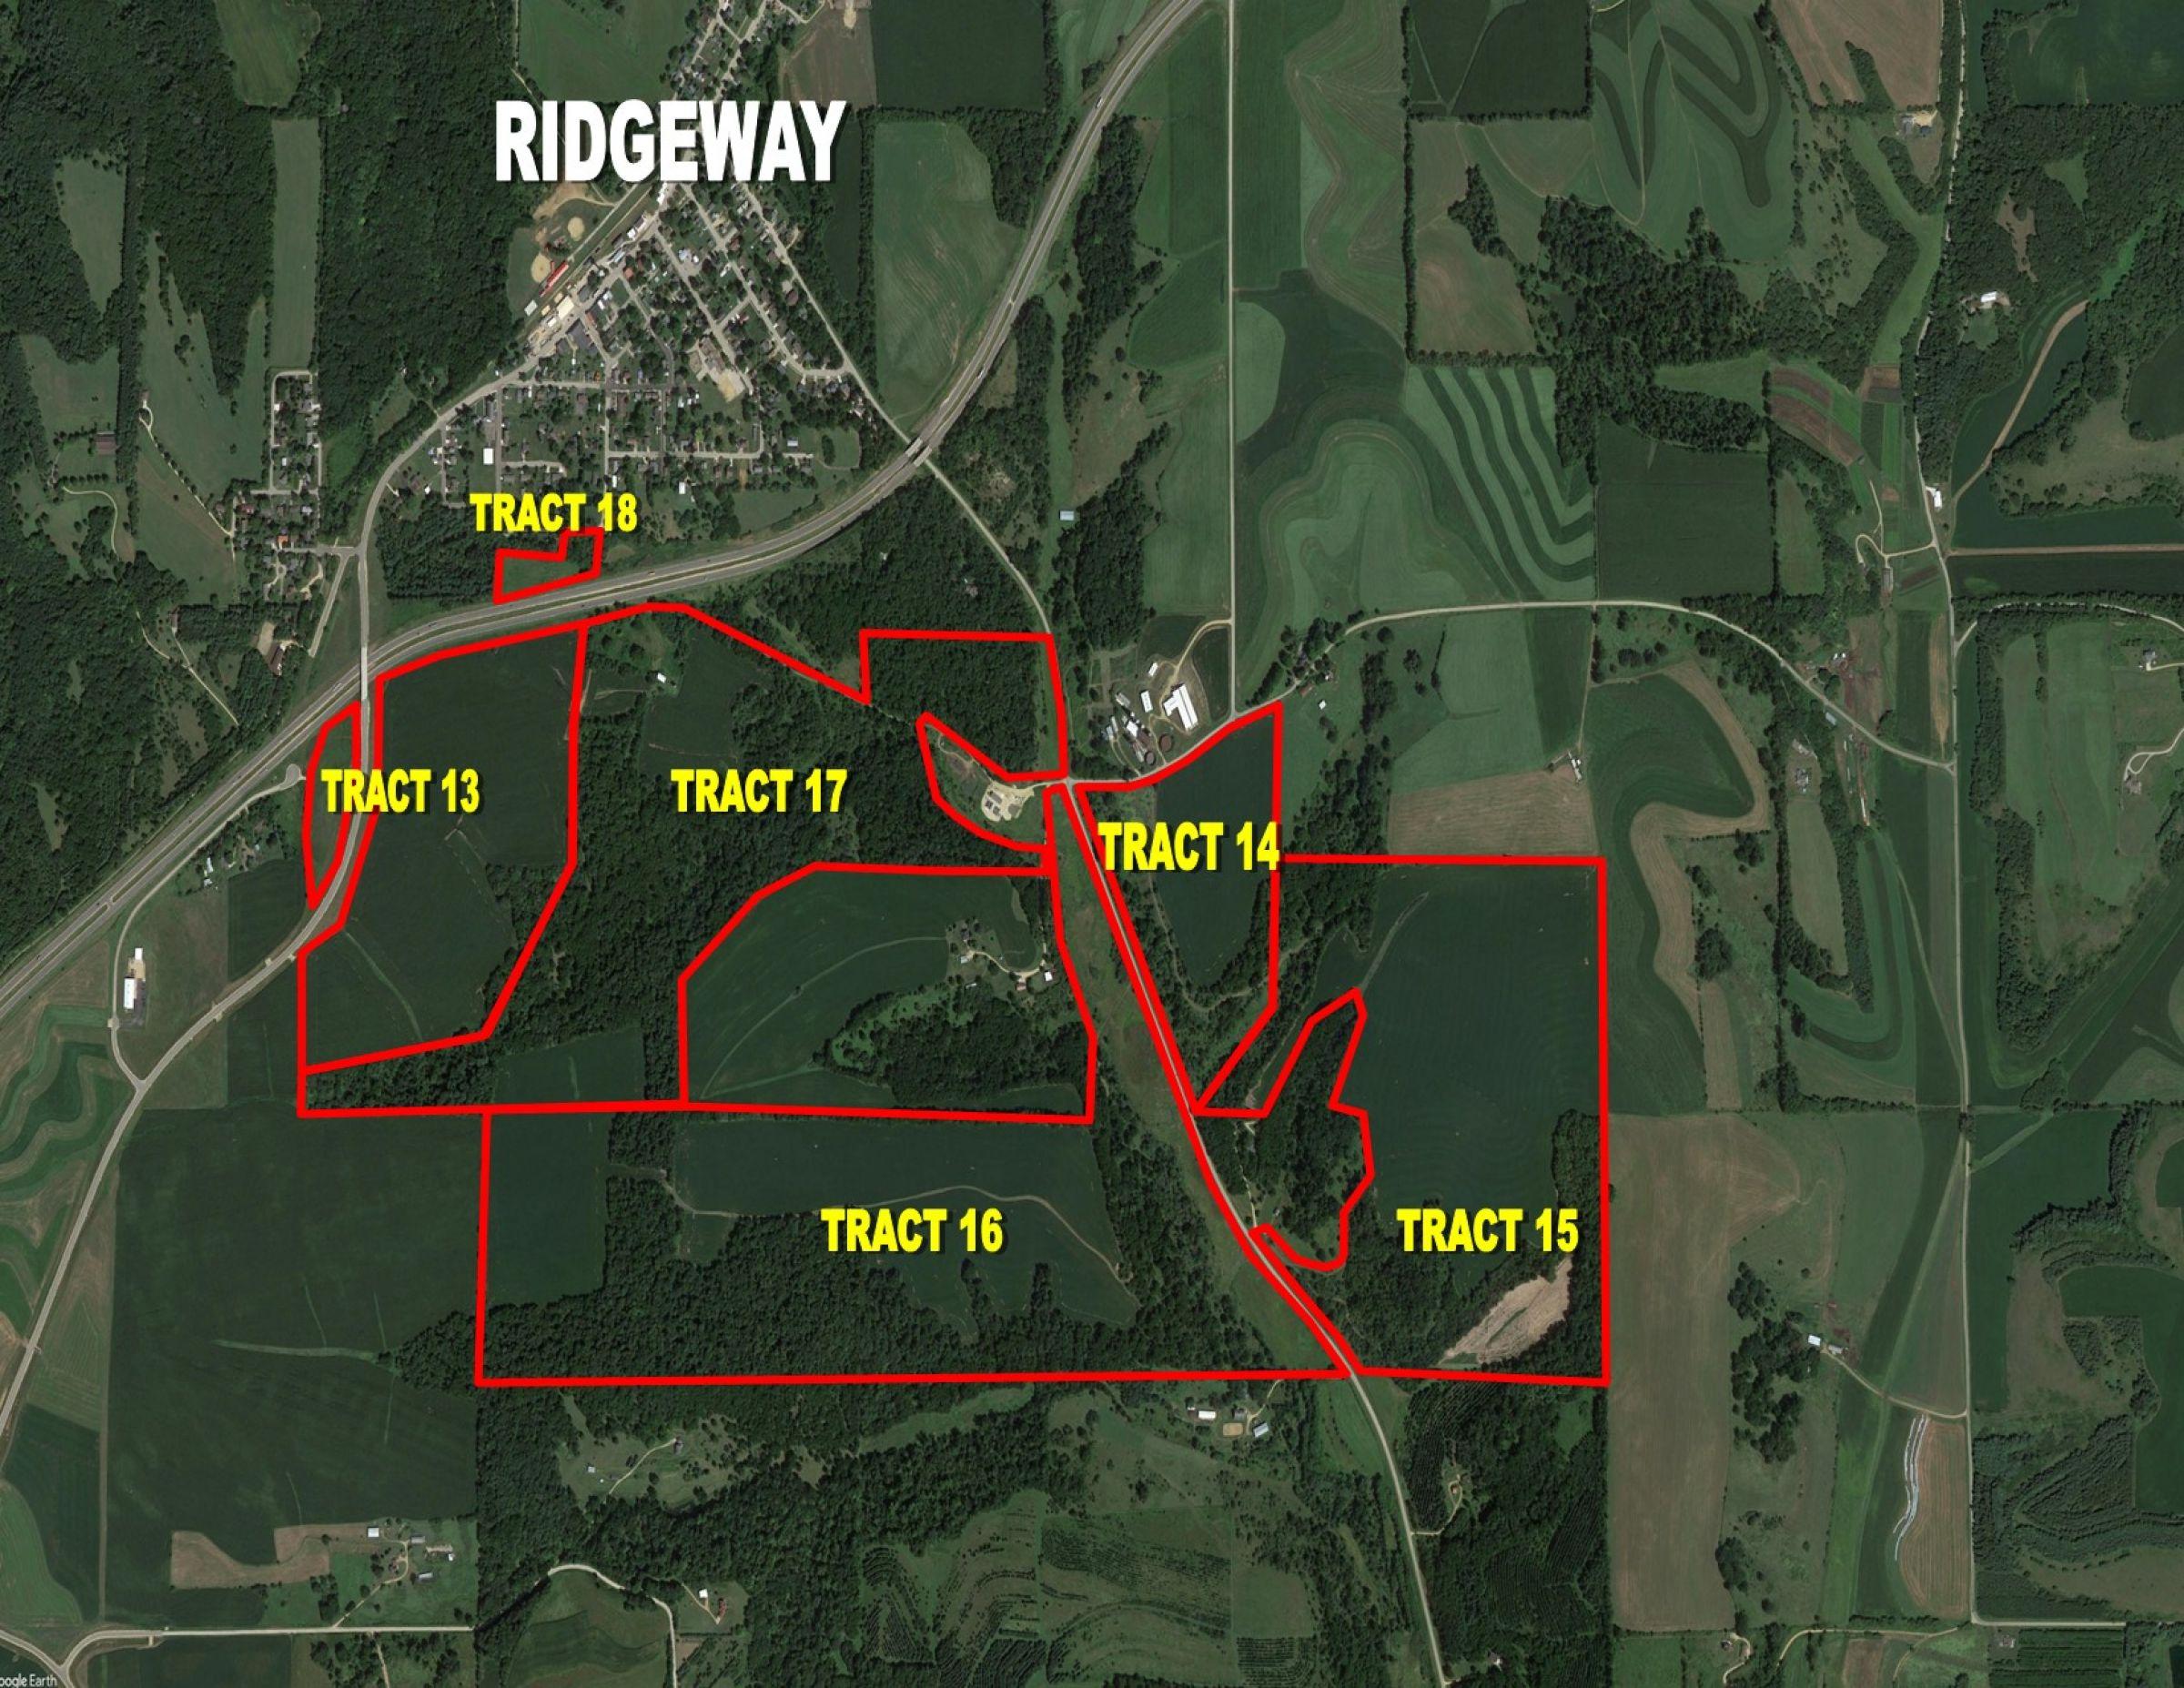 16-ridgeway-53582-0-2021-03-09-170154.jpg